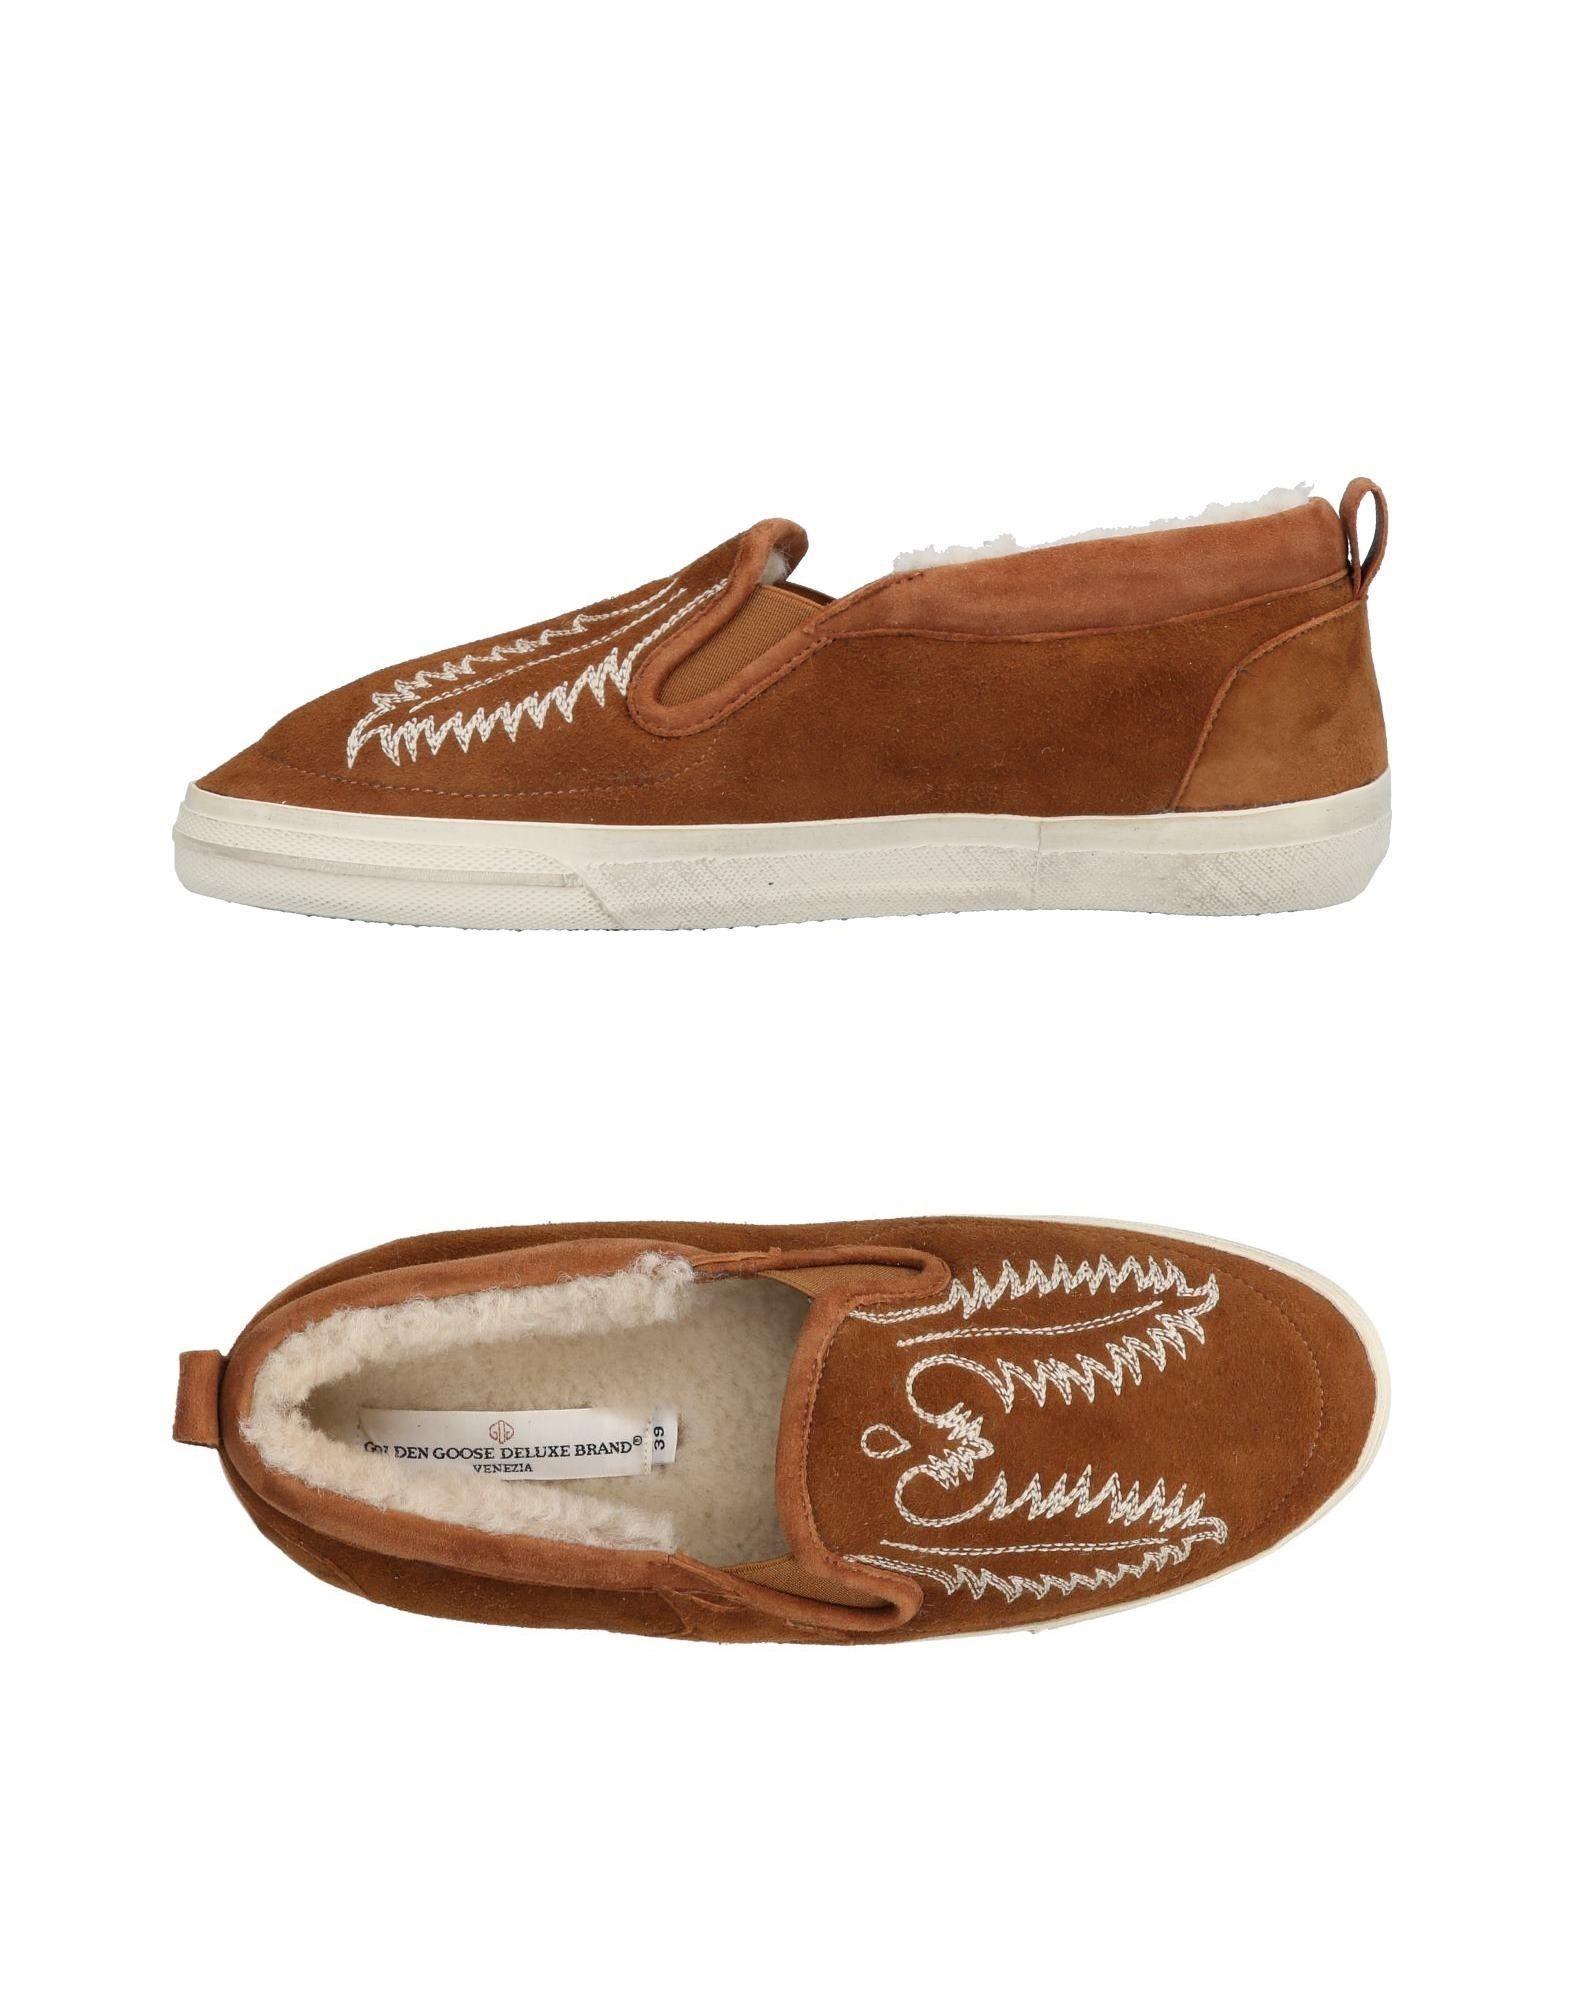 Sneakers Golden Goose Deluxe Brand Uomo - 11456489HB